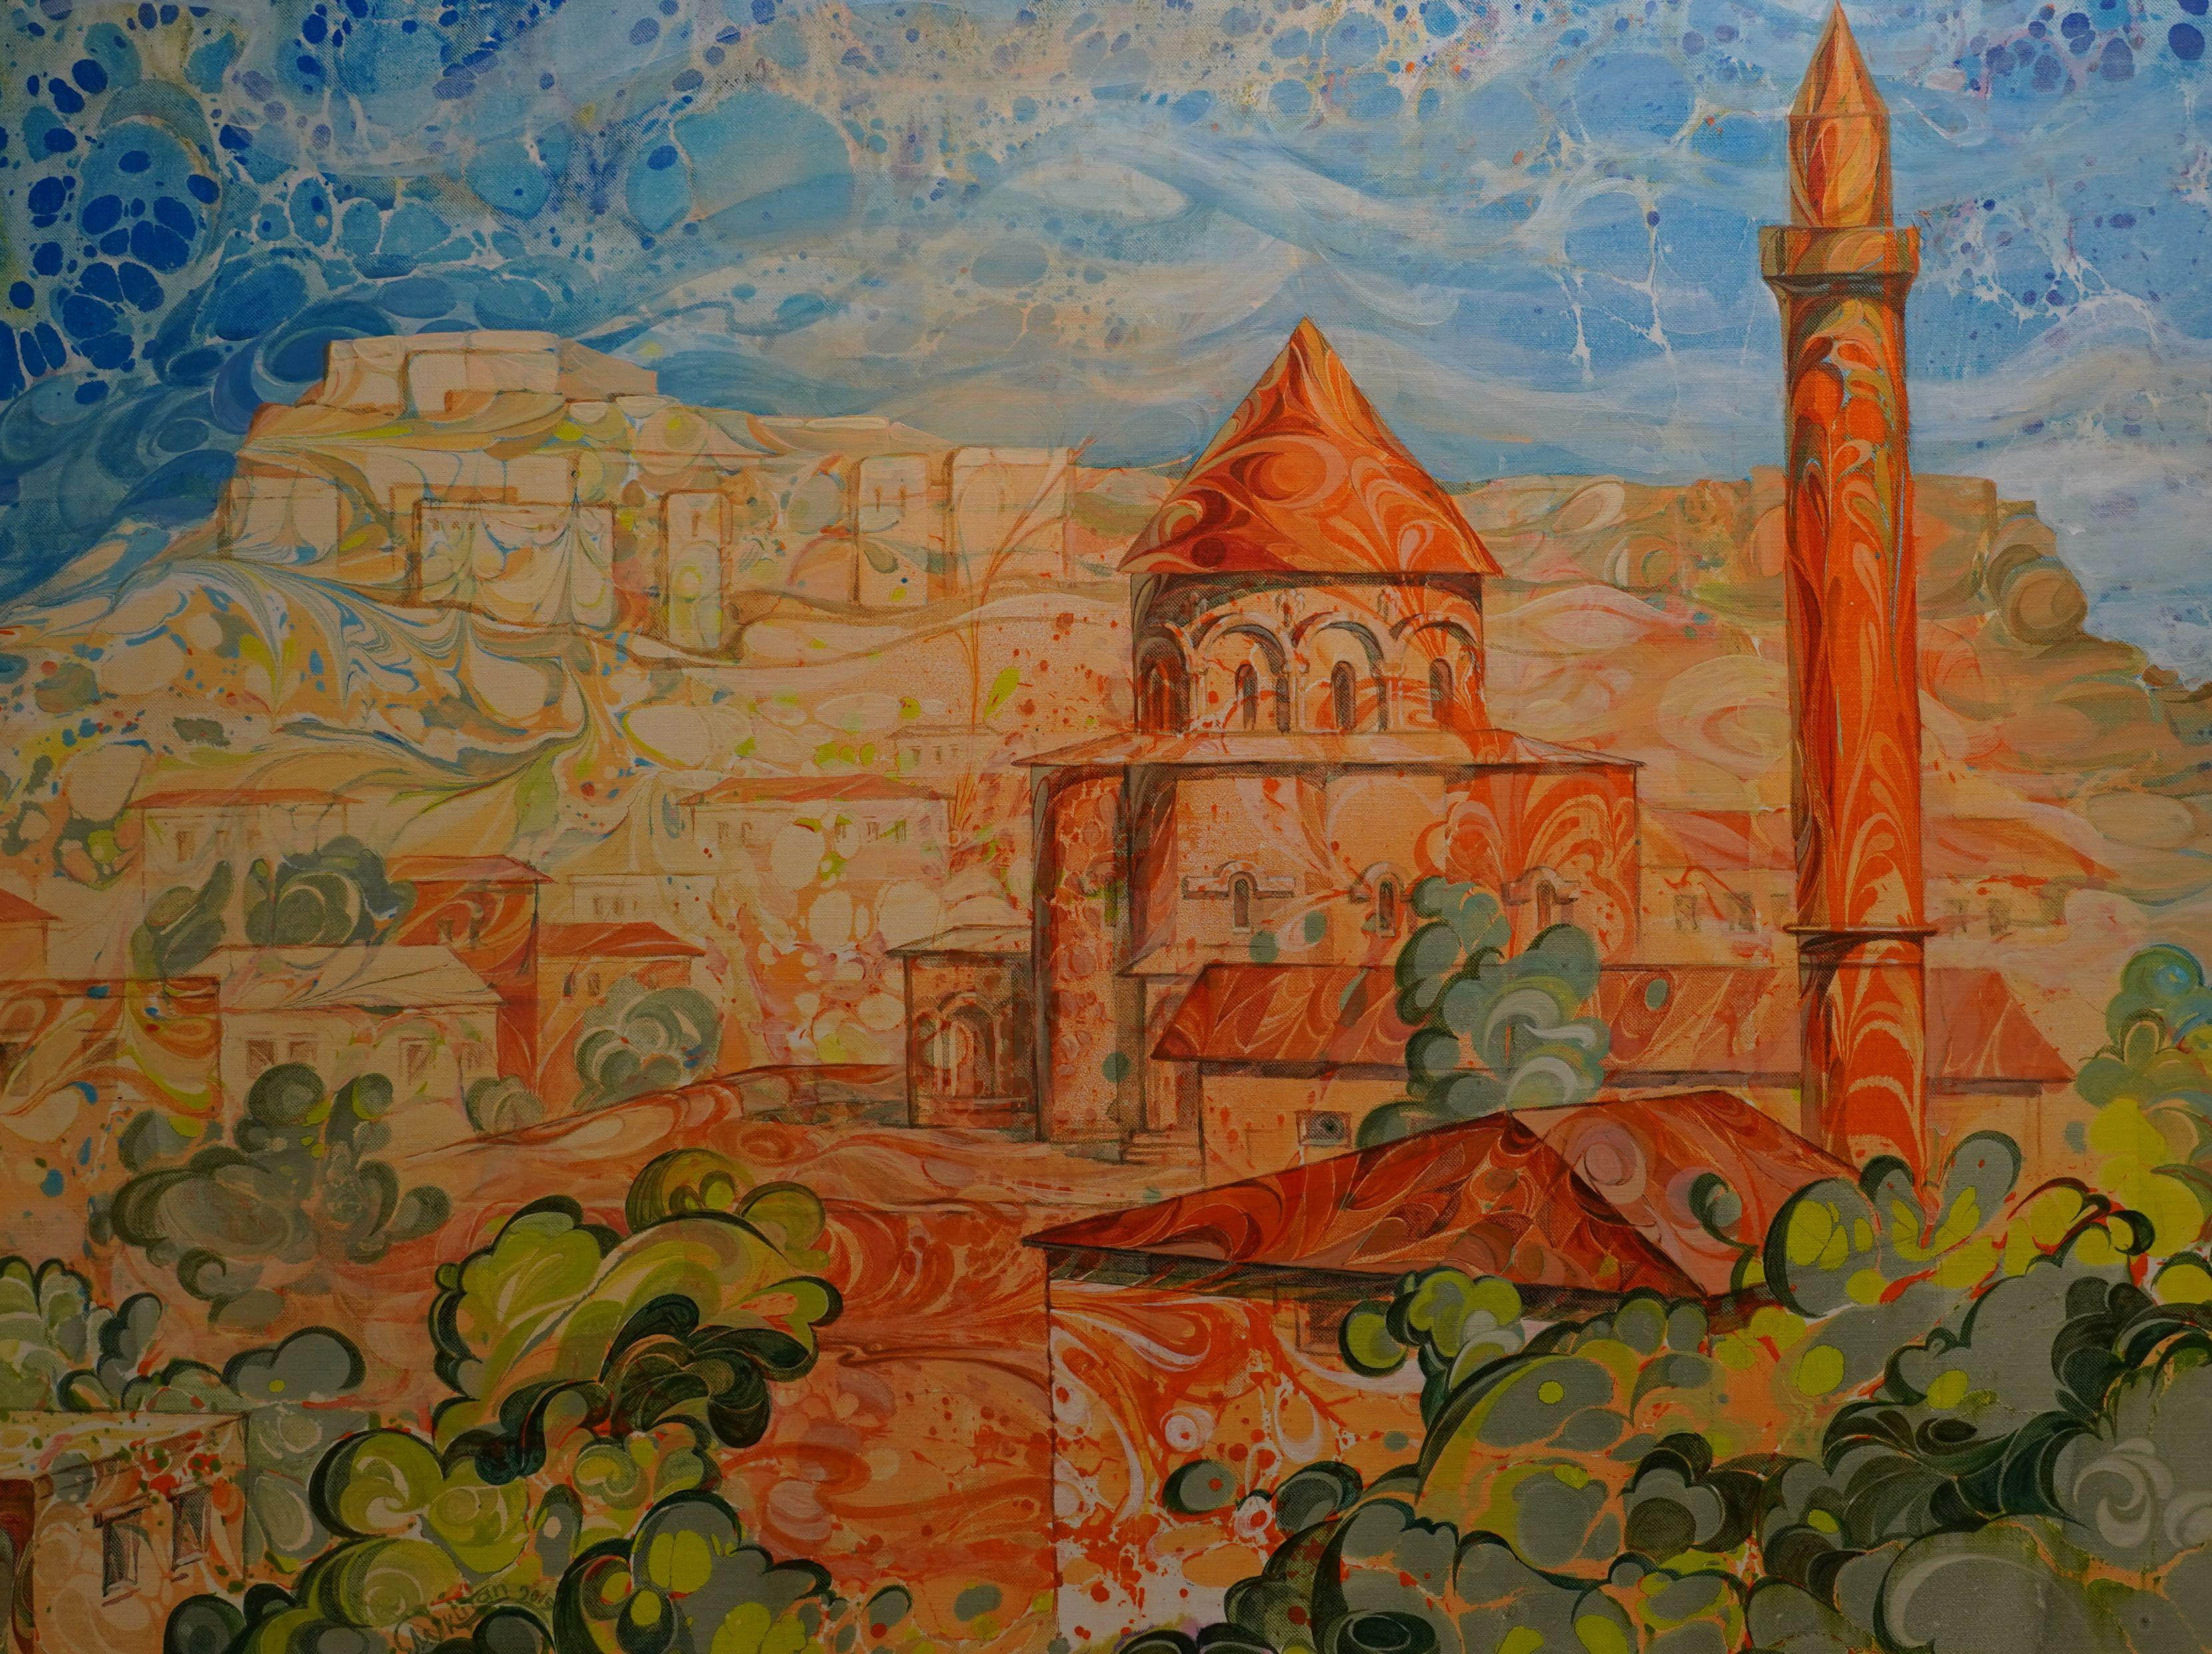 Церковь святых апостолов в Карсе, бывшая христианская церковь, превращенная ныне в мечеть. Фото: Денис Кондратьев